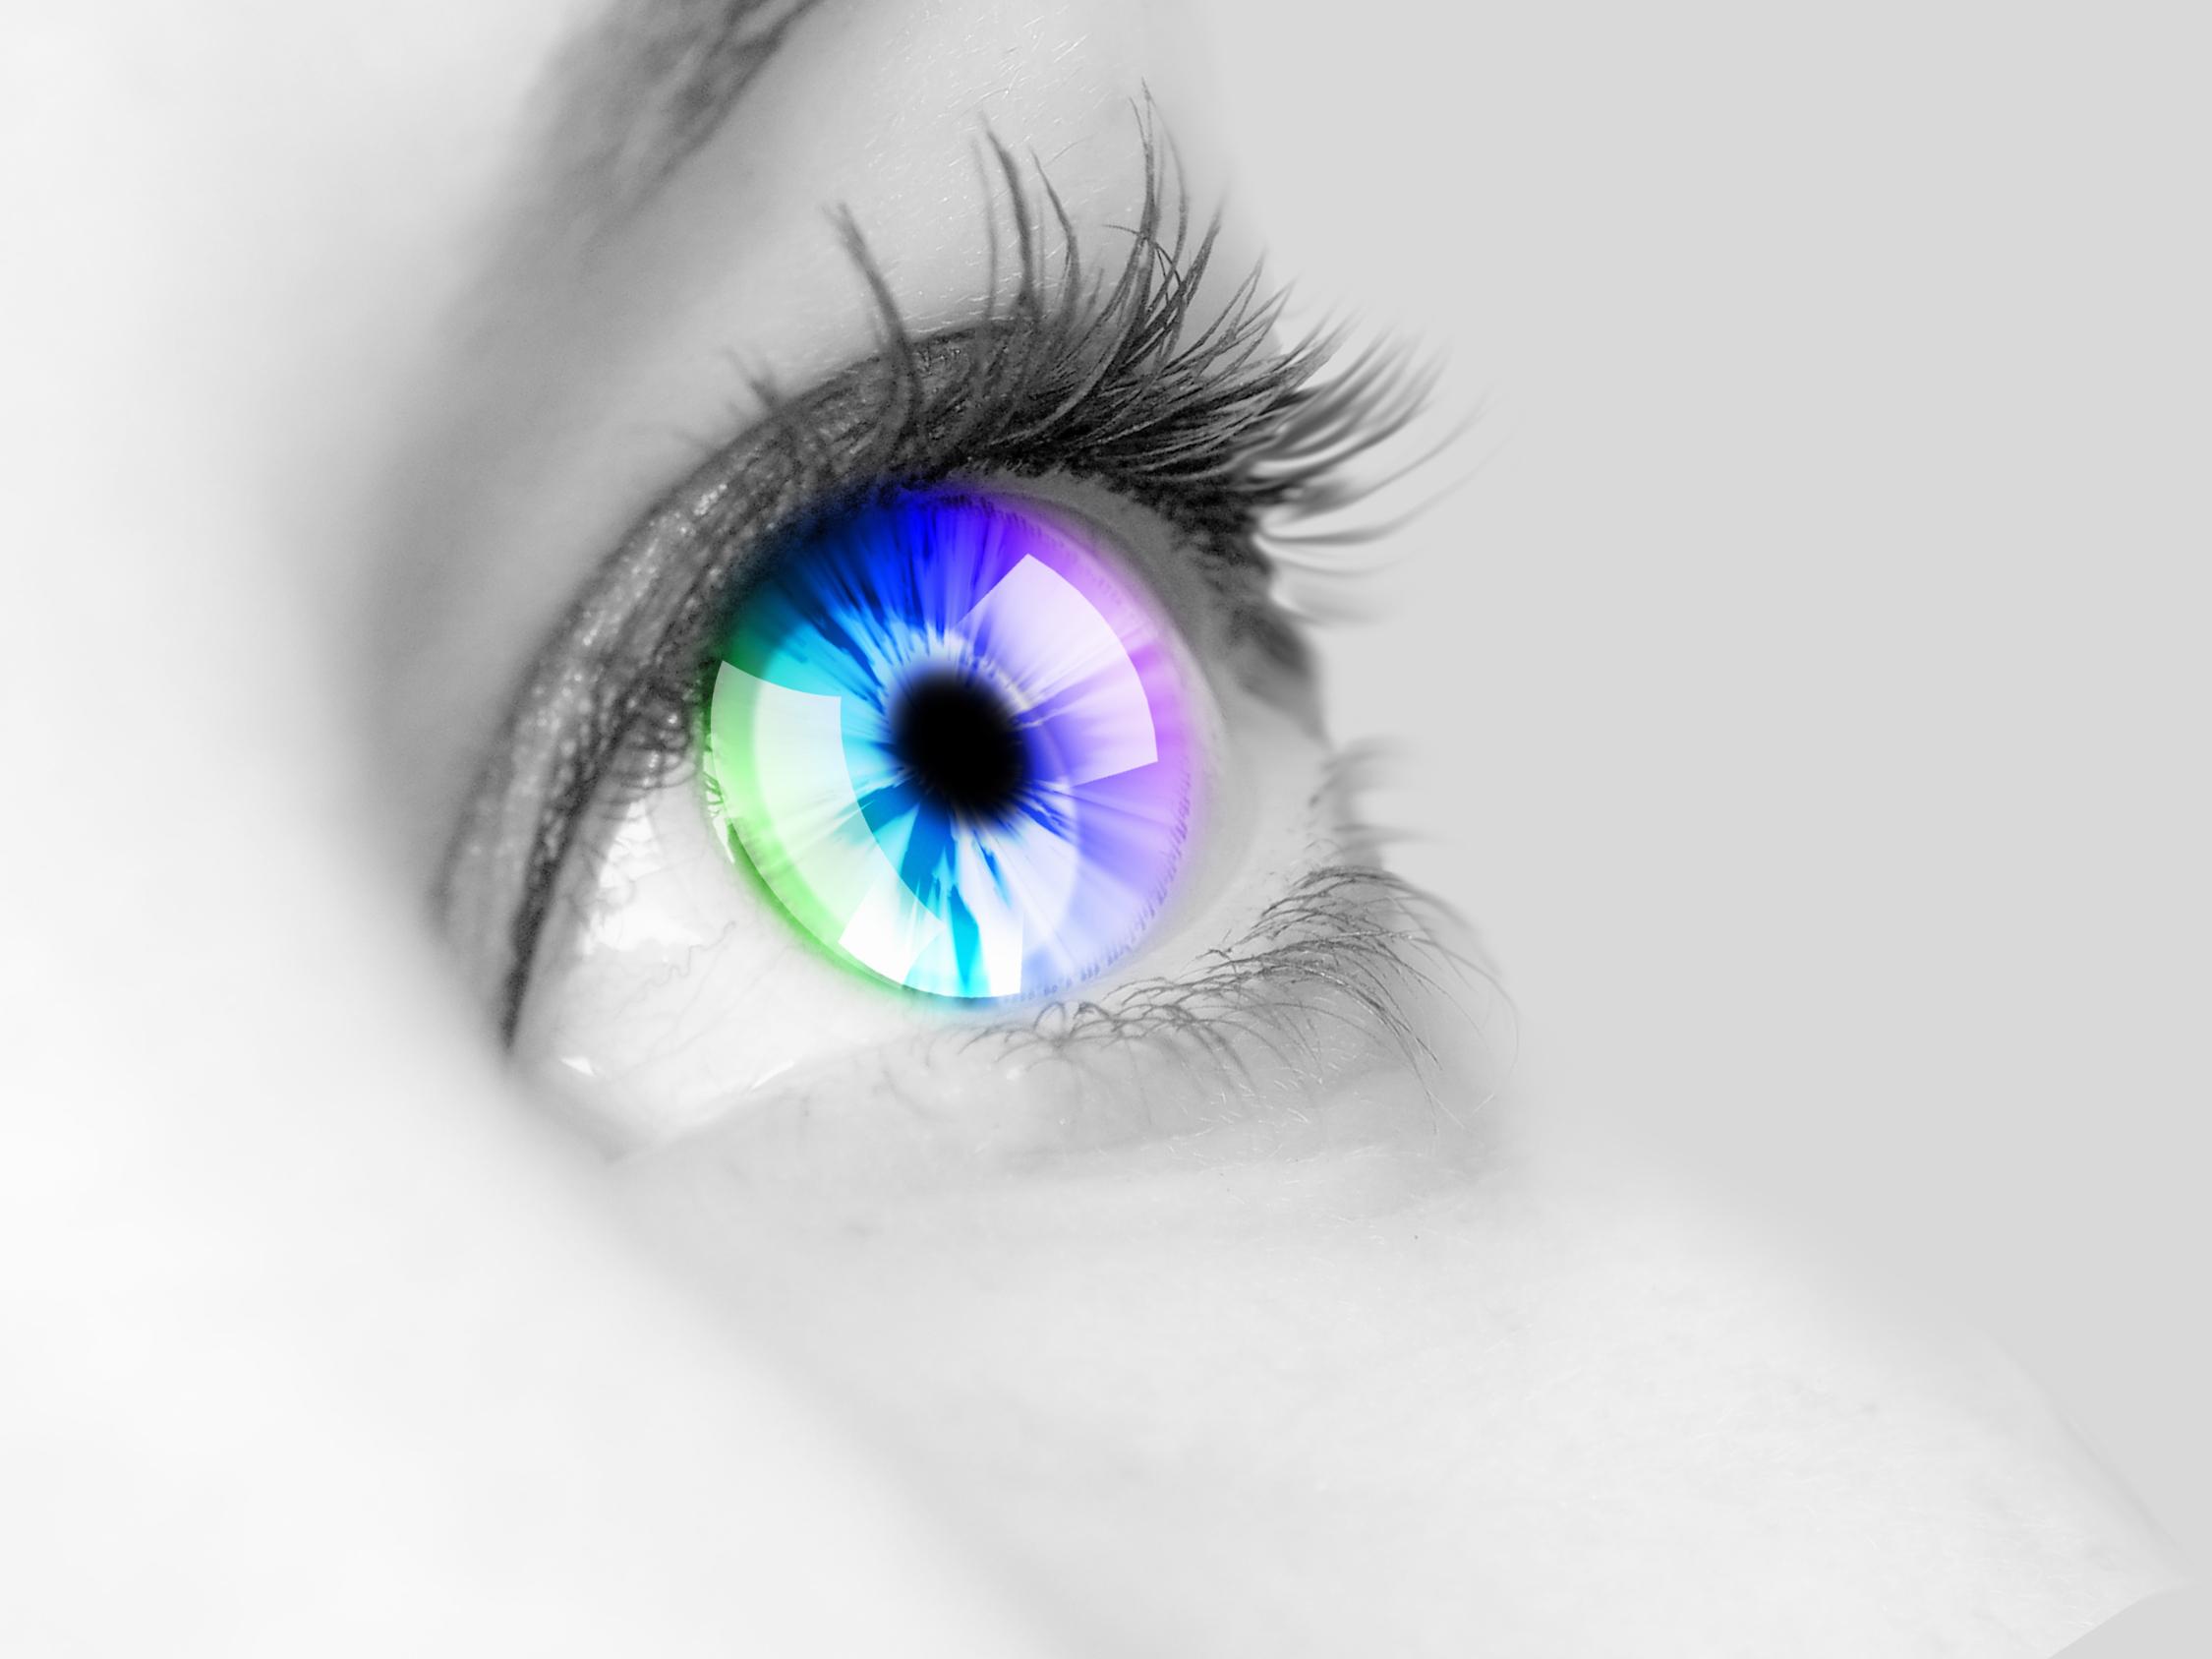 schimbarea culorii ochilor